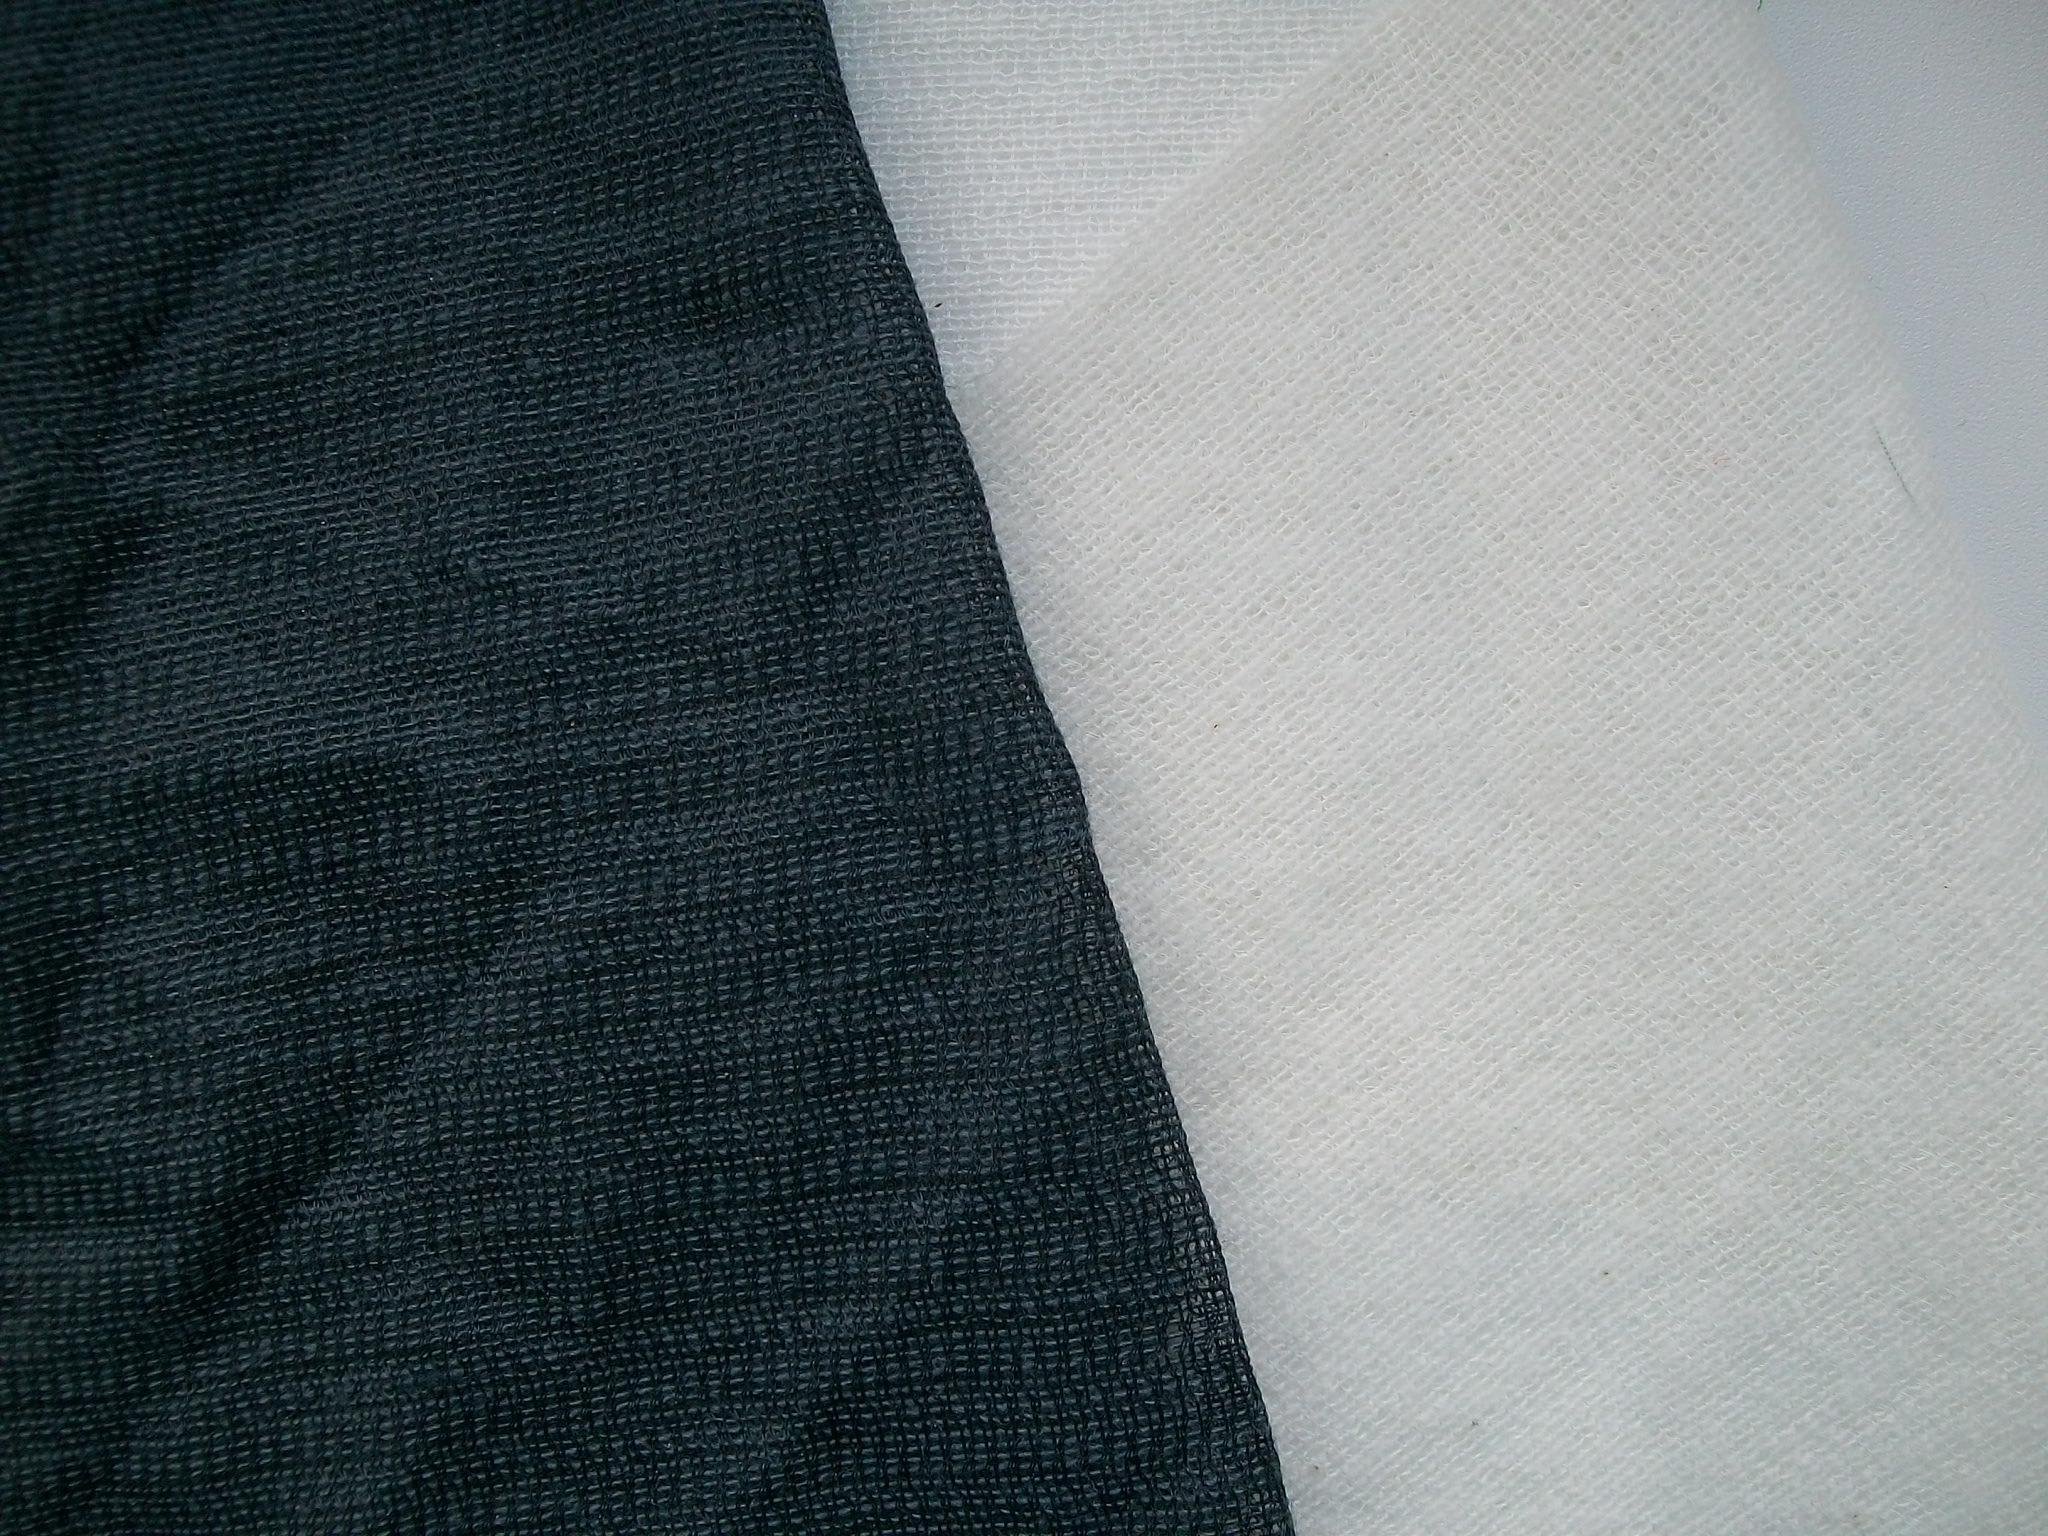 Самоклеящийся материал дублерин трикотажный хб с защитной бумагой купить ткани оптом для постельного белья в иваново от производителя